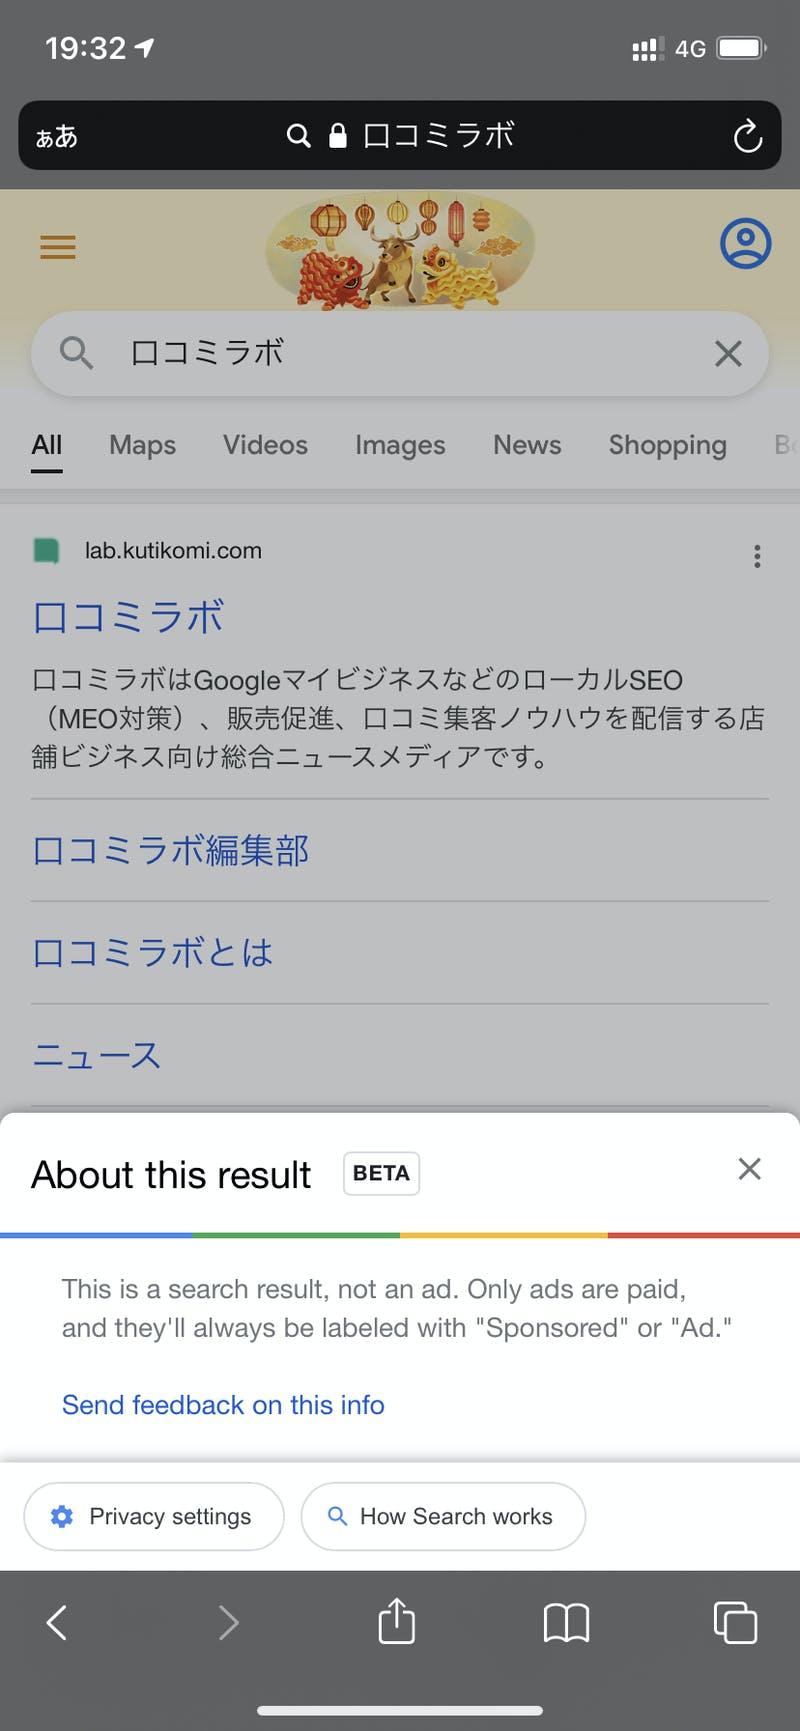 検索結果のWebサイトに関する情報が表示されるようになった